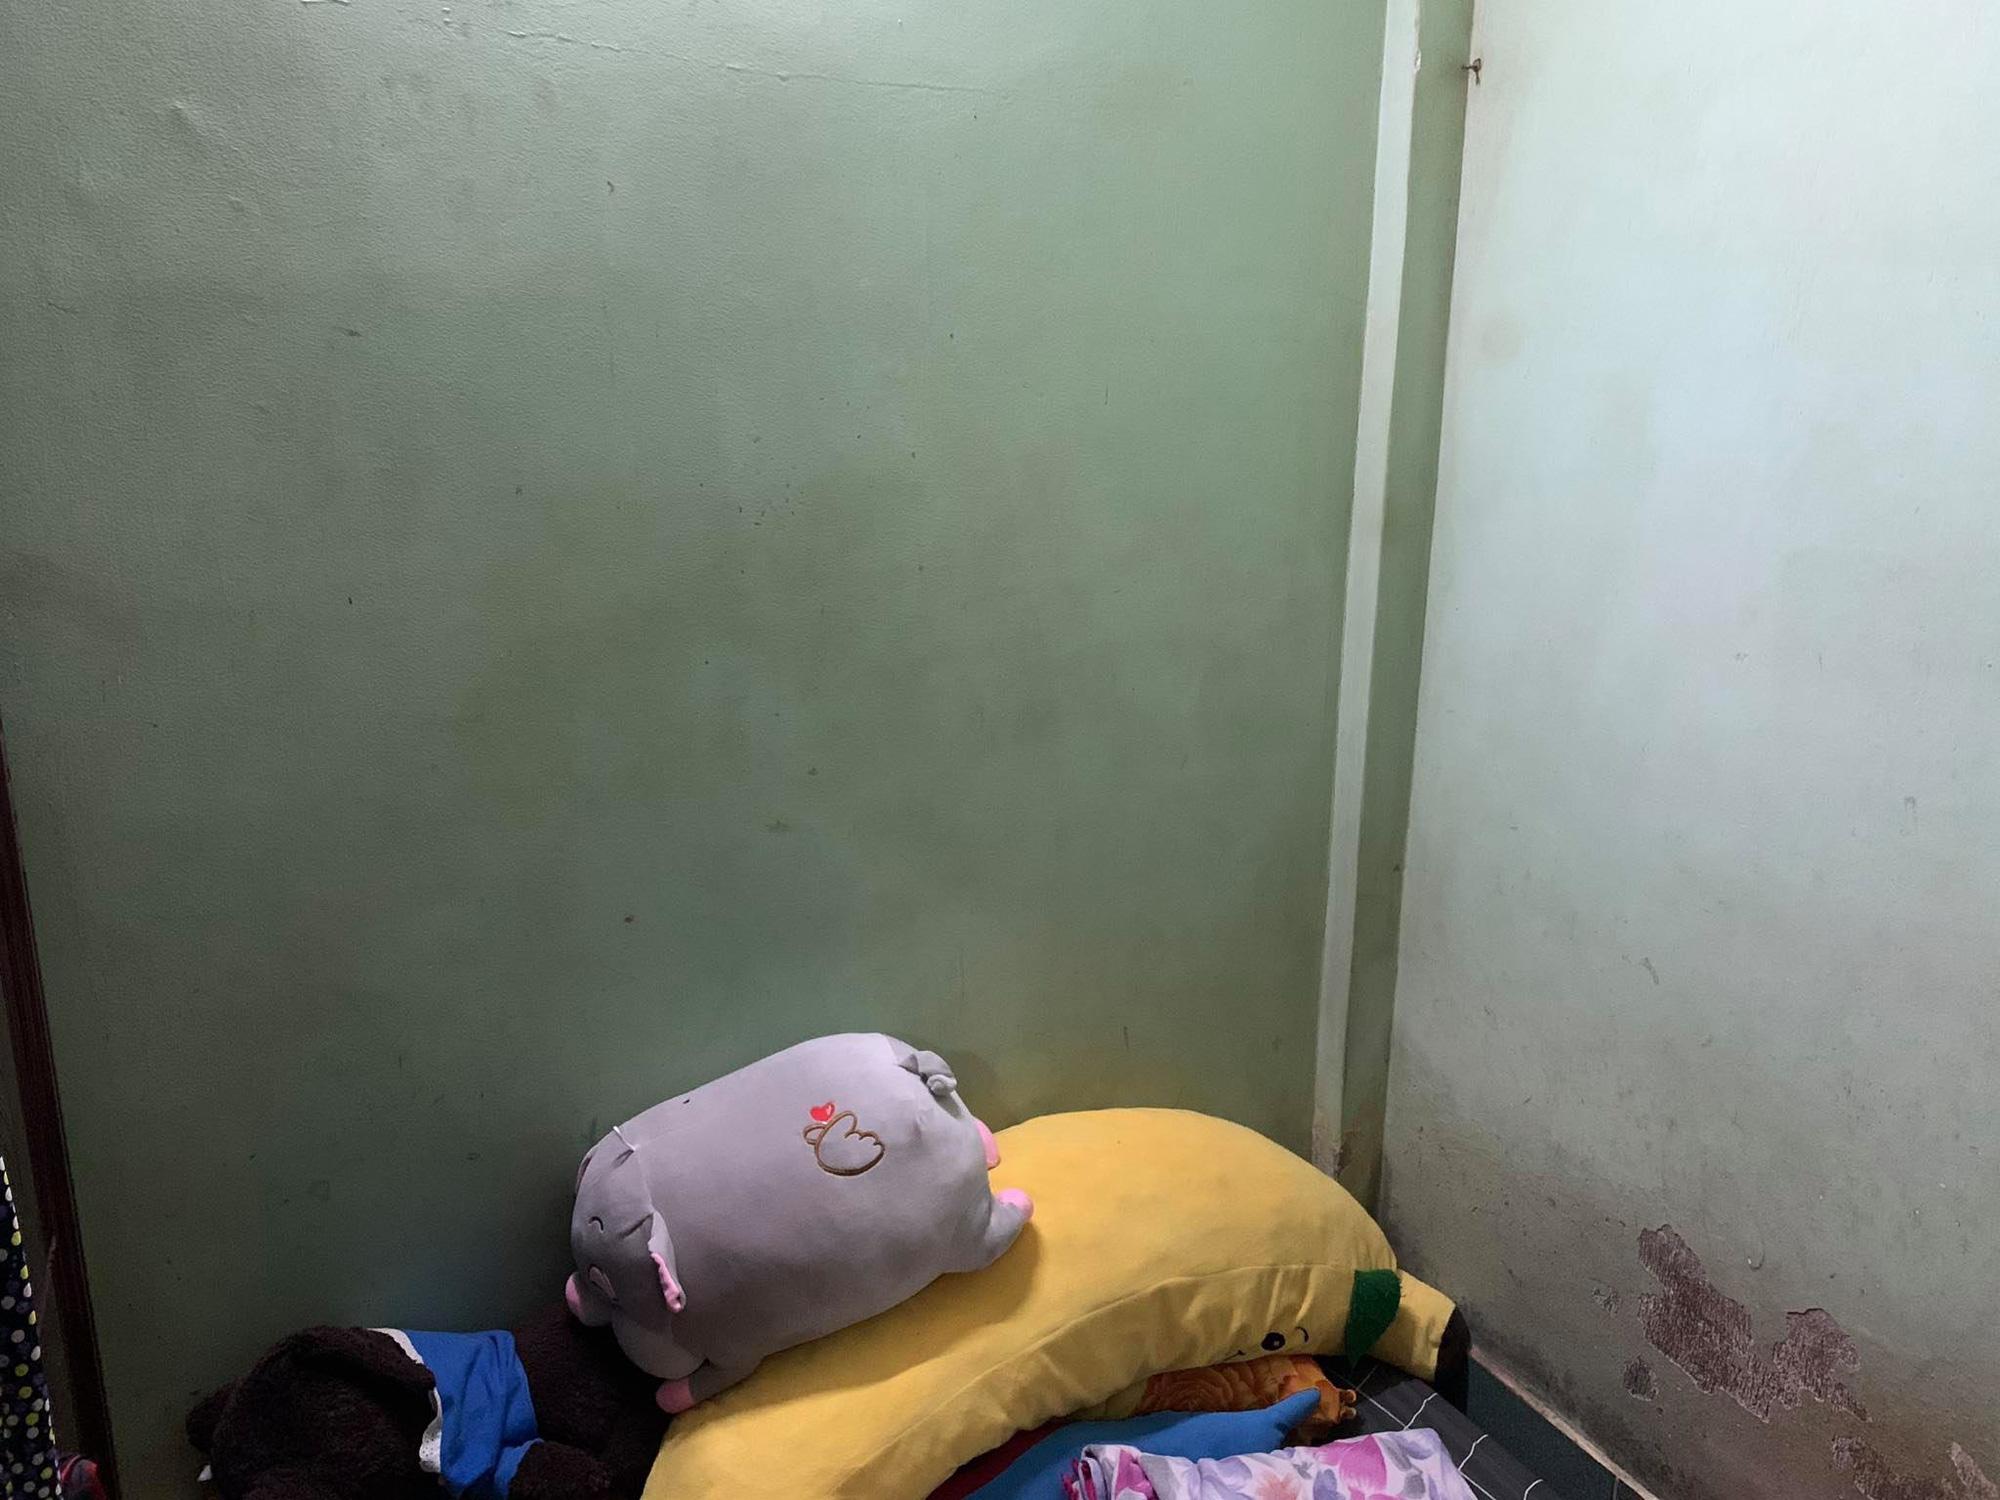 Thanh niên ở nhà mùa dịch thấy căn phòng 4m2 bừa bộn ngứa mắt nên quyết tâm decor lại mọi thứ: Kết quả quá bất ngờ!-2